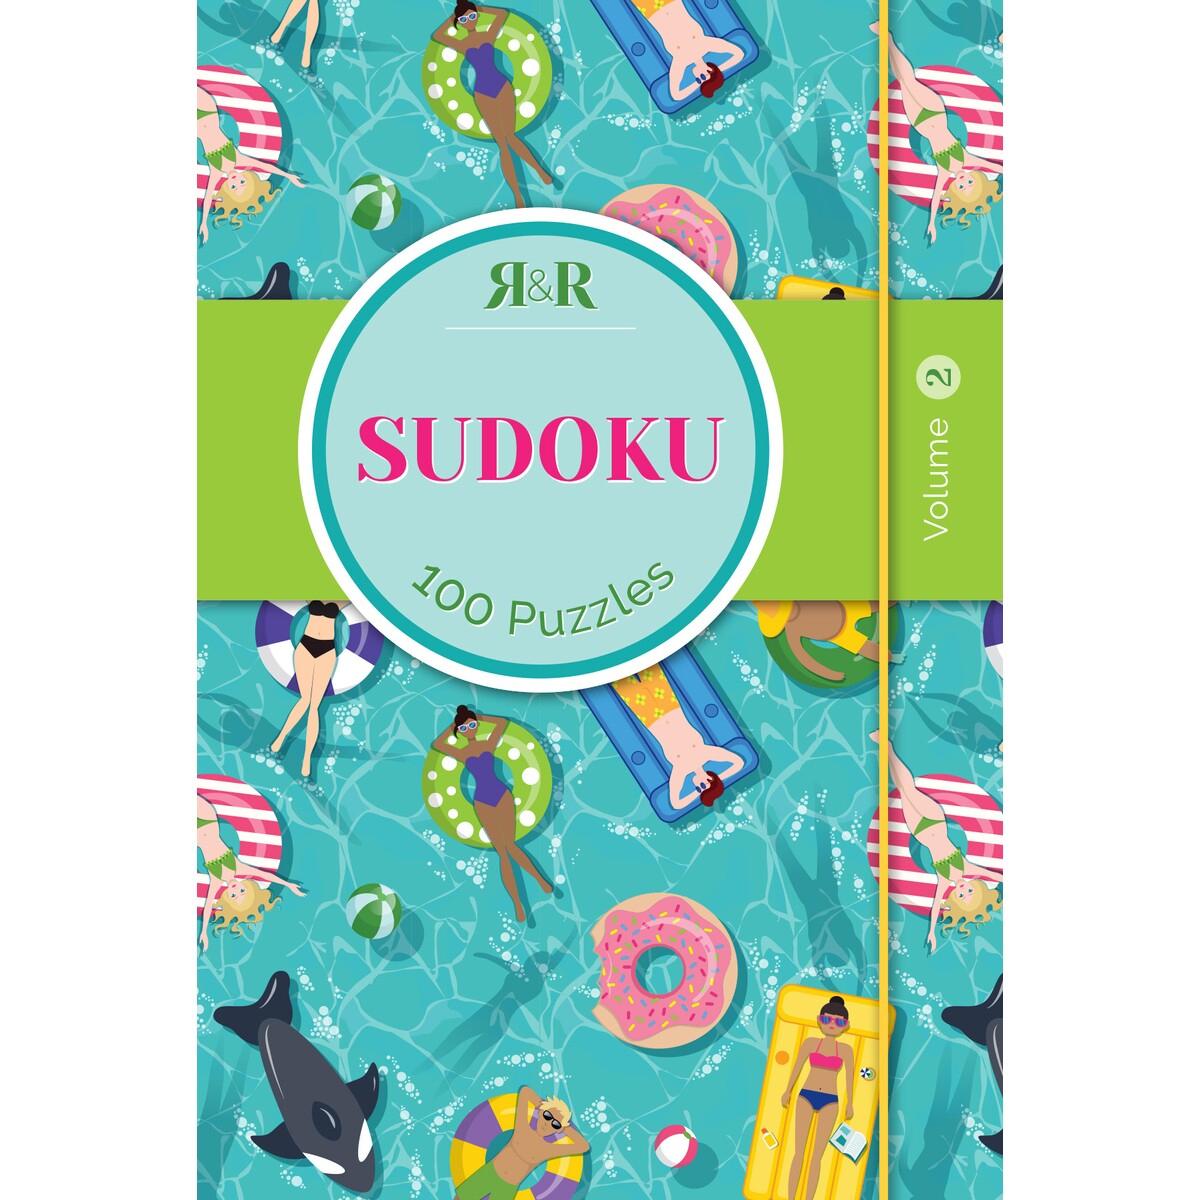 La Times Sudoku - Sudoku Puzzle | Education World intérieur Telecharger Sudoku